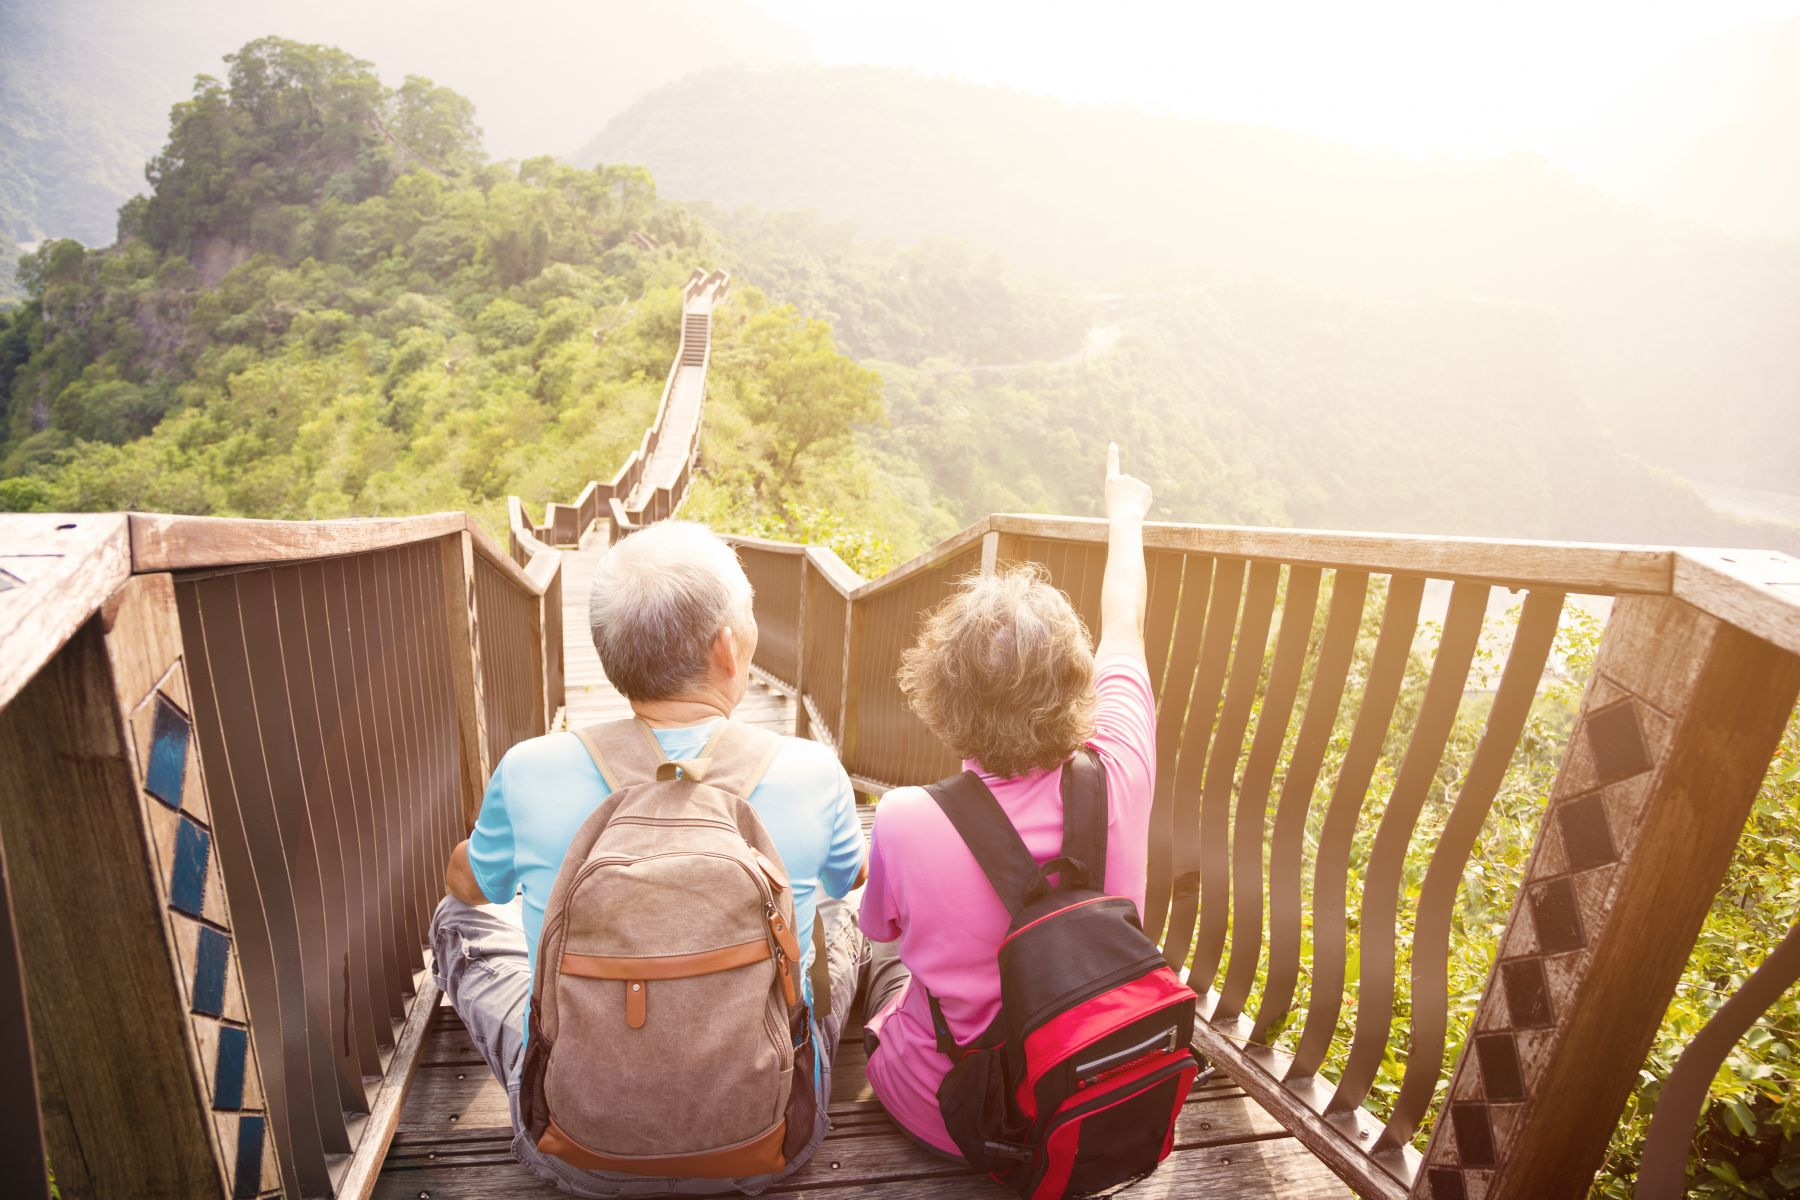 該準備多少才能安心退休?教你1張表算出資金缺口